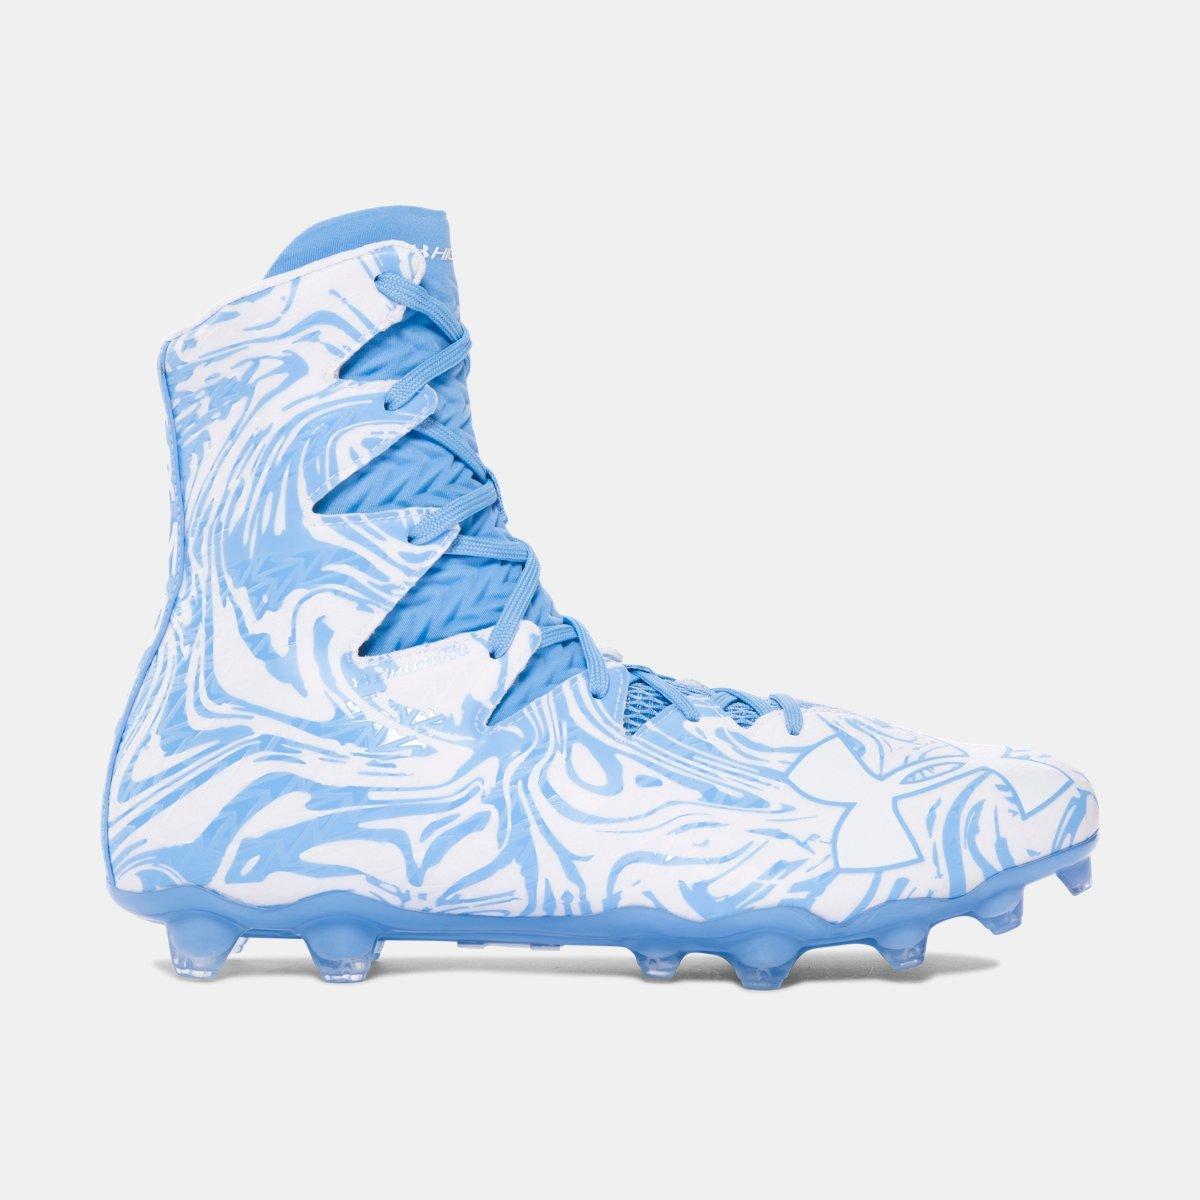 [アンダーアーマー] UNDER ARMOUR メンズ UA Highlight Lux MC Football Cleats [並行輸入品] B074WMVWPF 27.5 cm|Carolina Blue Carolina Blue 27.5 cm